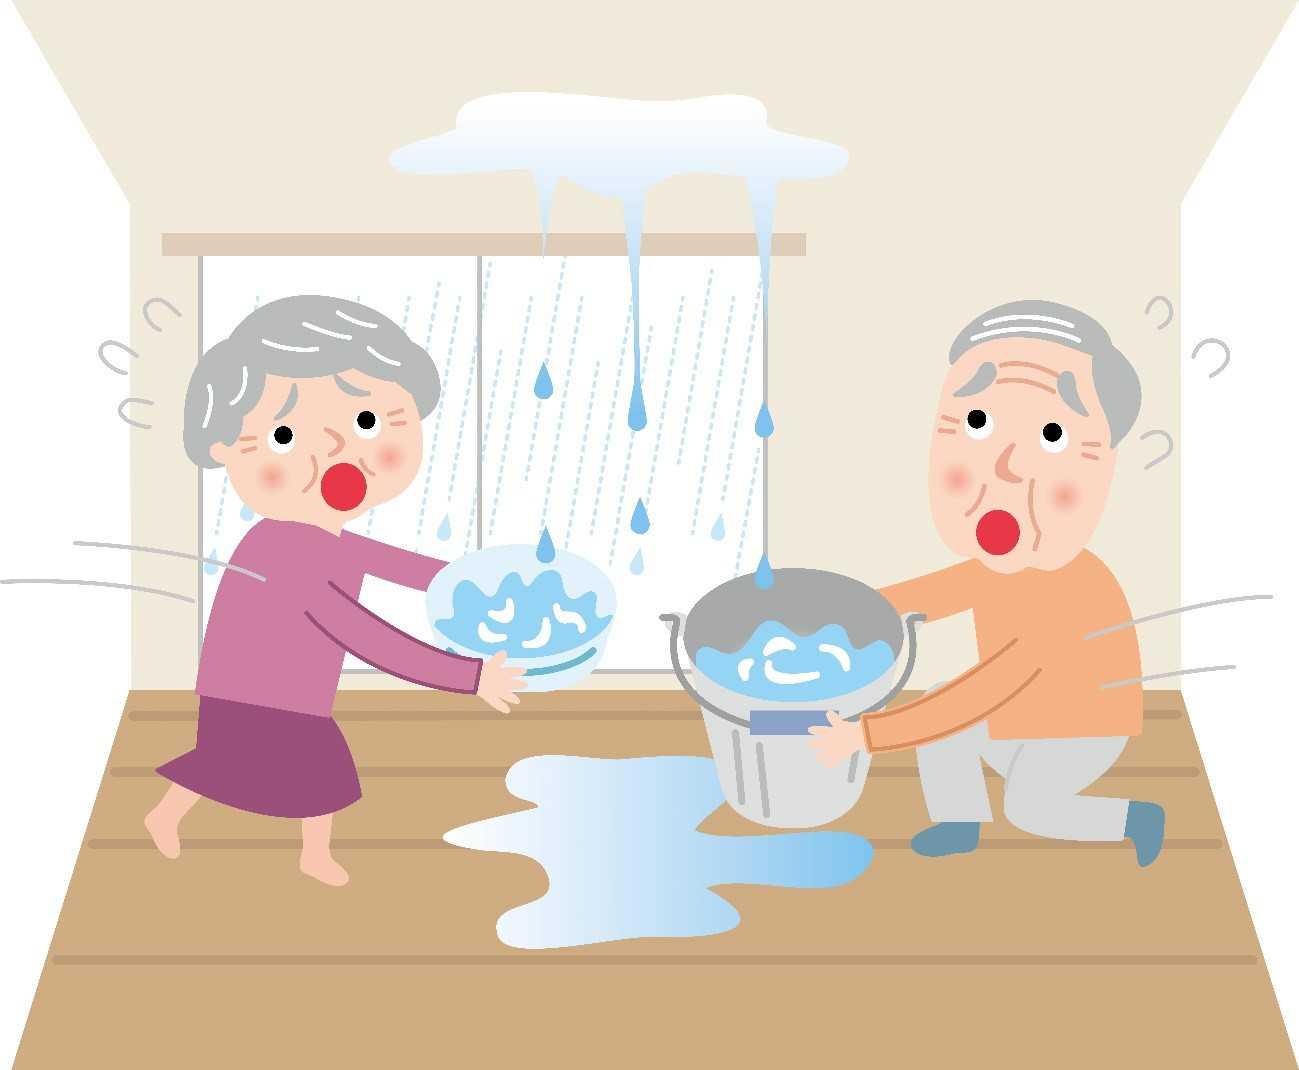 雨漏りの症状チェック7点|原因は屋根だけでなく水道管からも!?